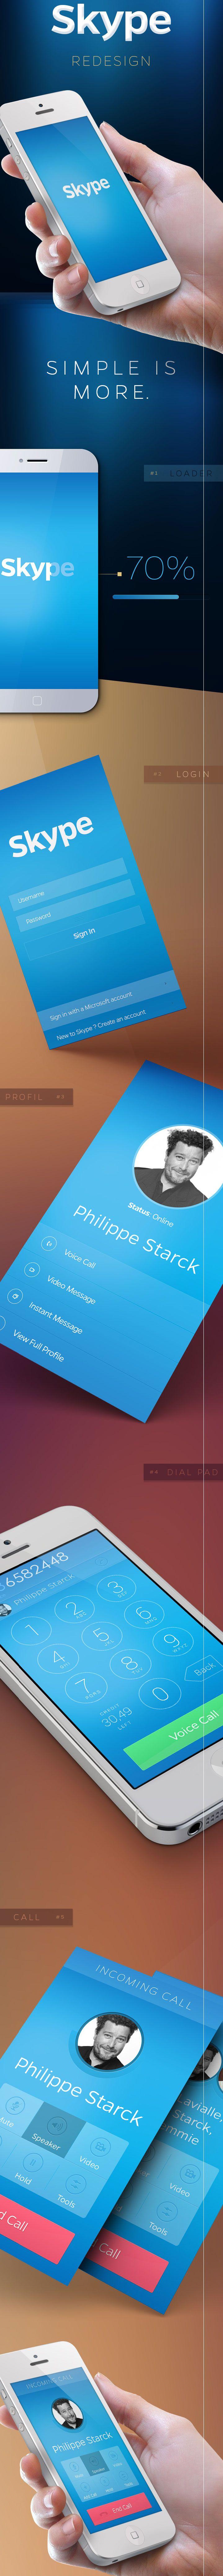 Skype iOS7 Redesign